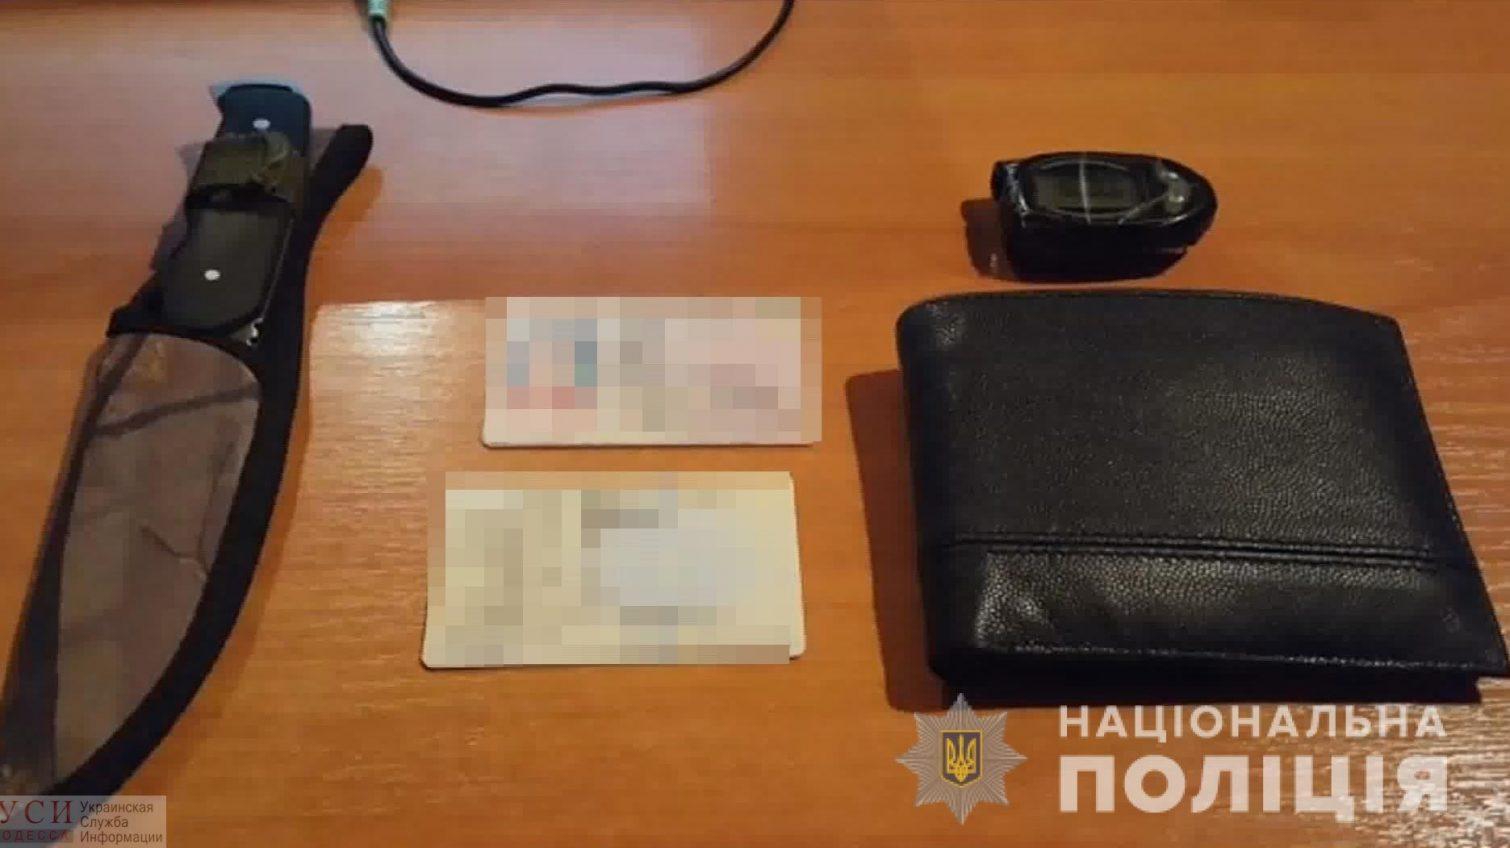 В Одессе задержан автовор со сканером, с помощью которого он быстро вскрывал авто (фото) «фото»